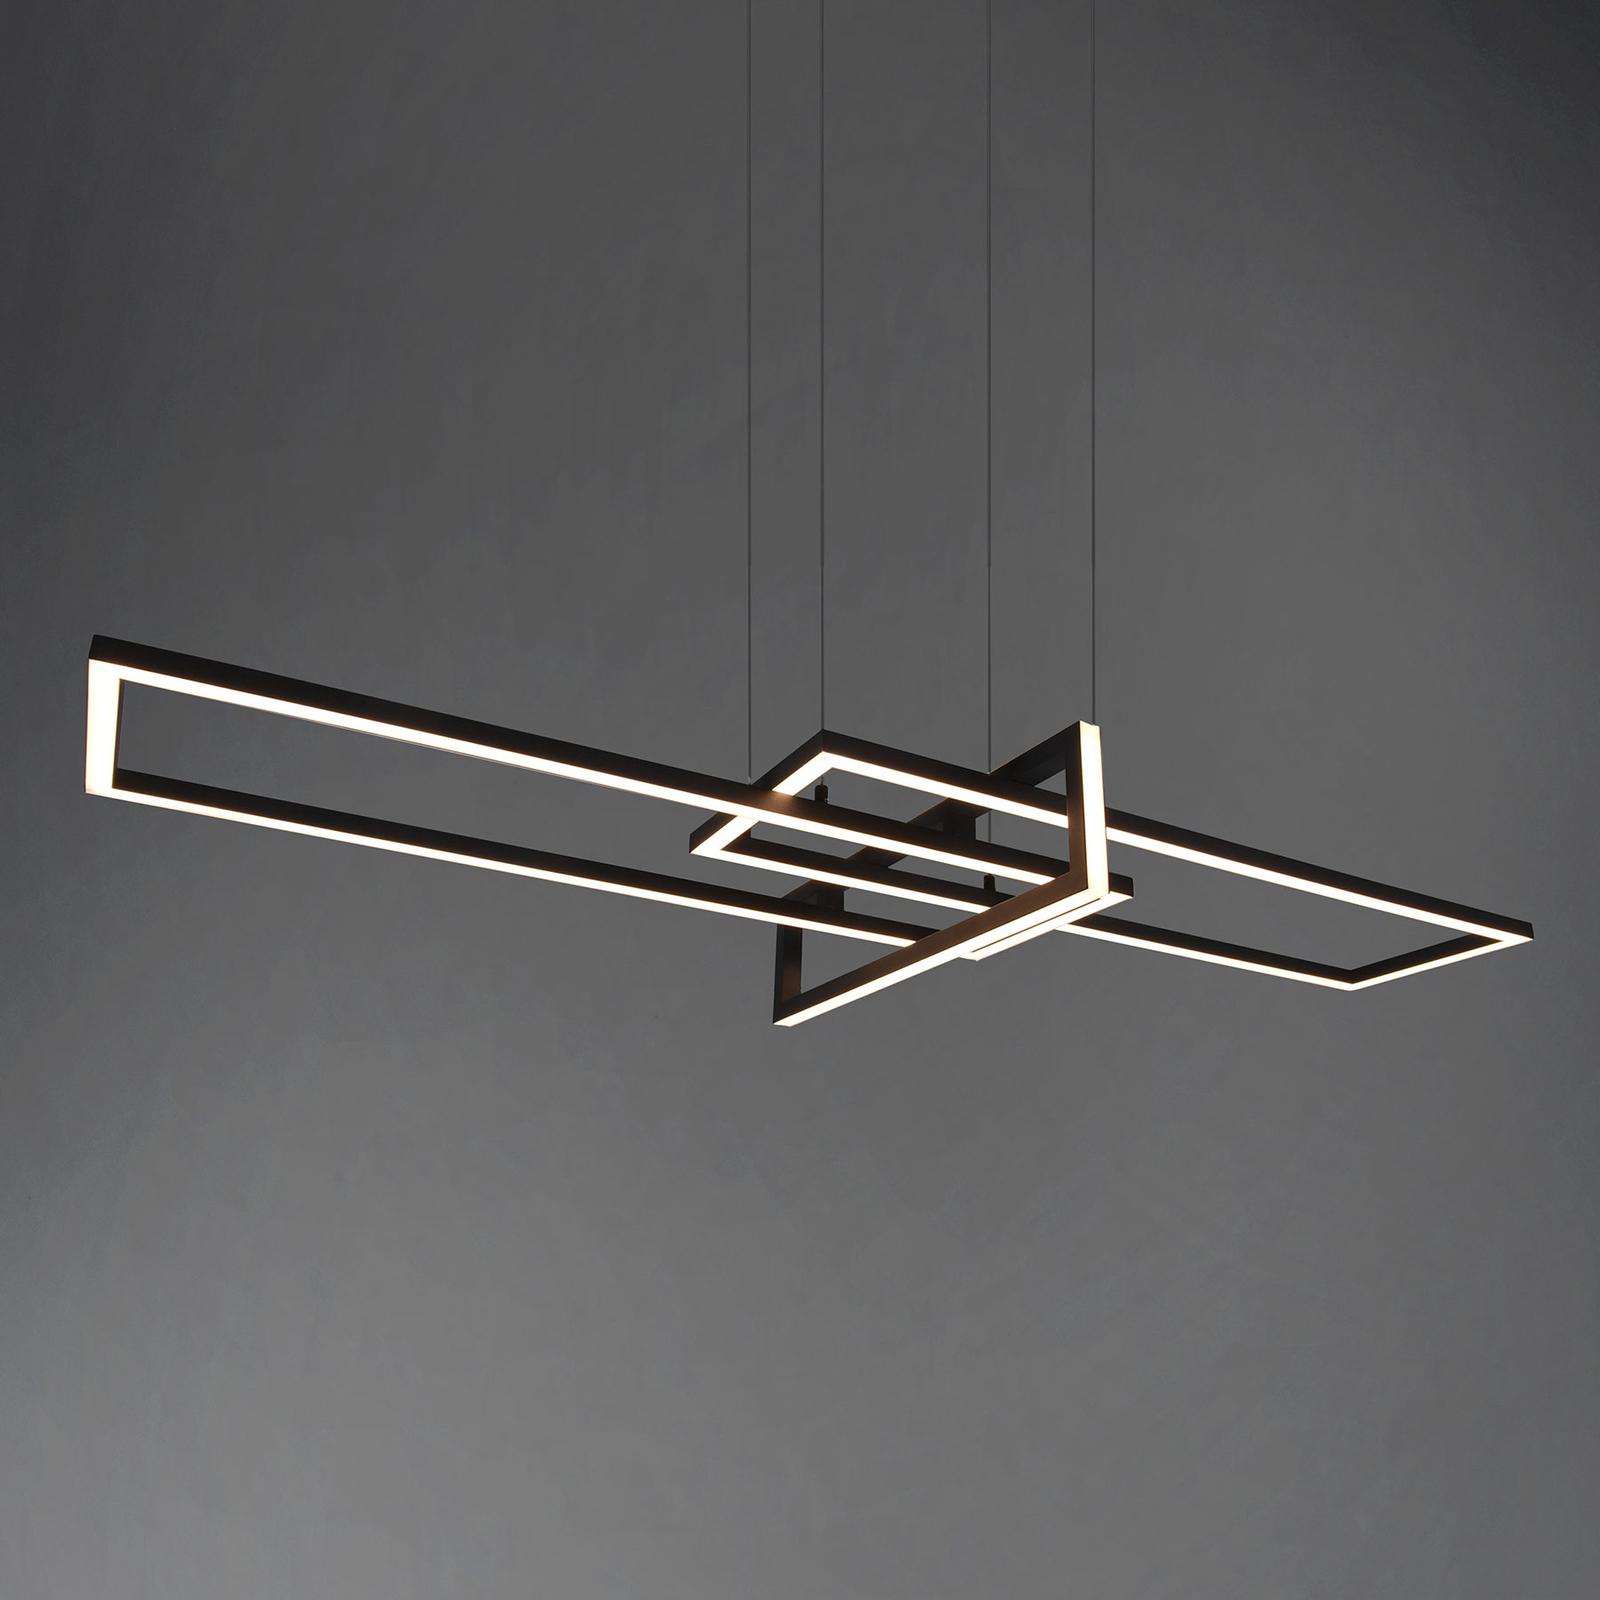 LED-hengelampe Salinas, 3000K, matt svart